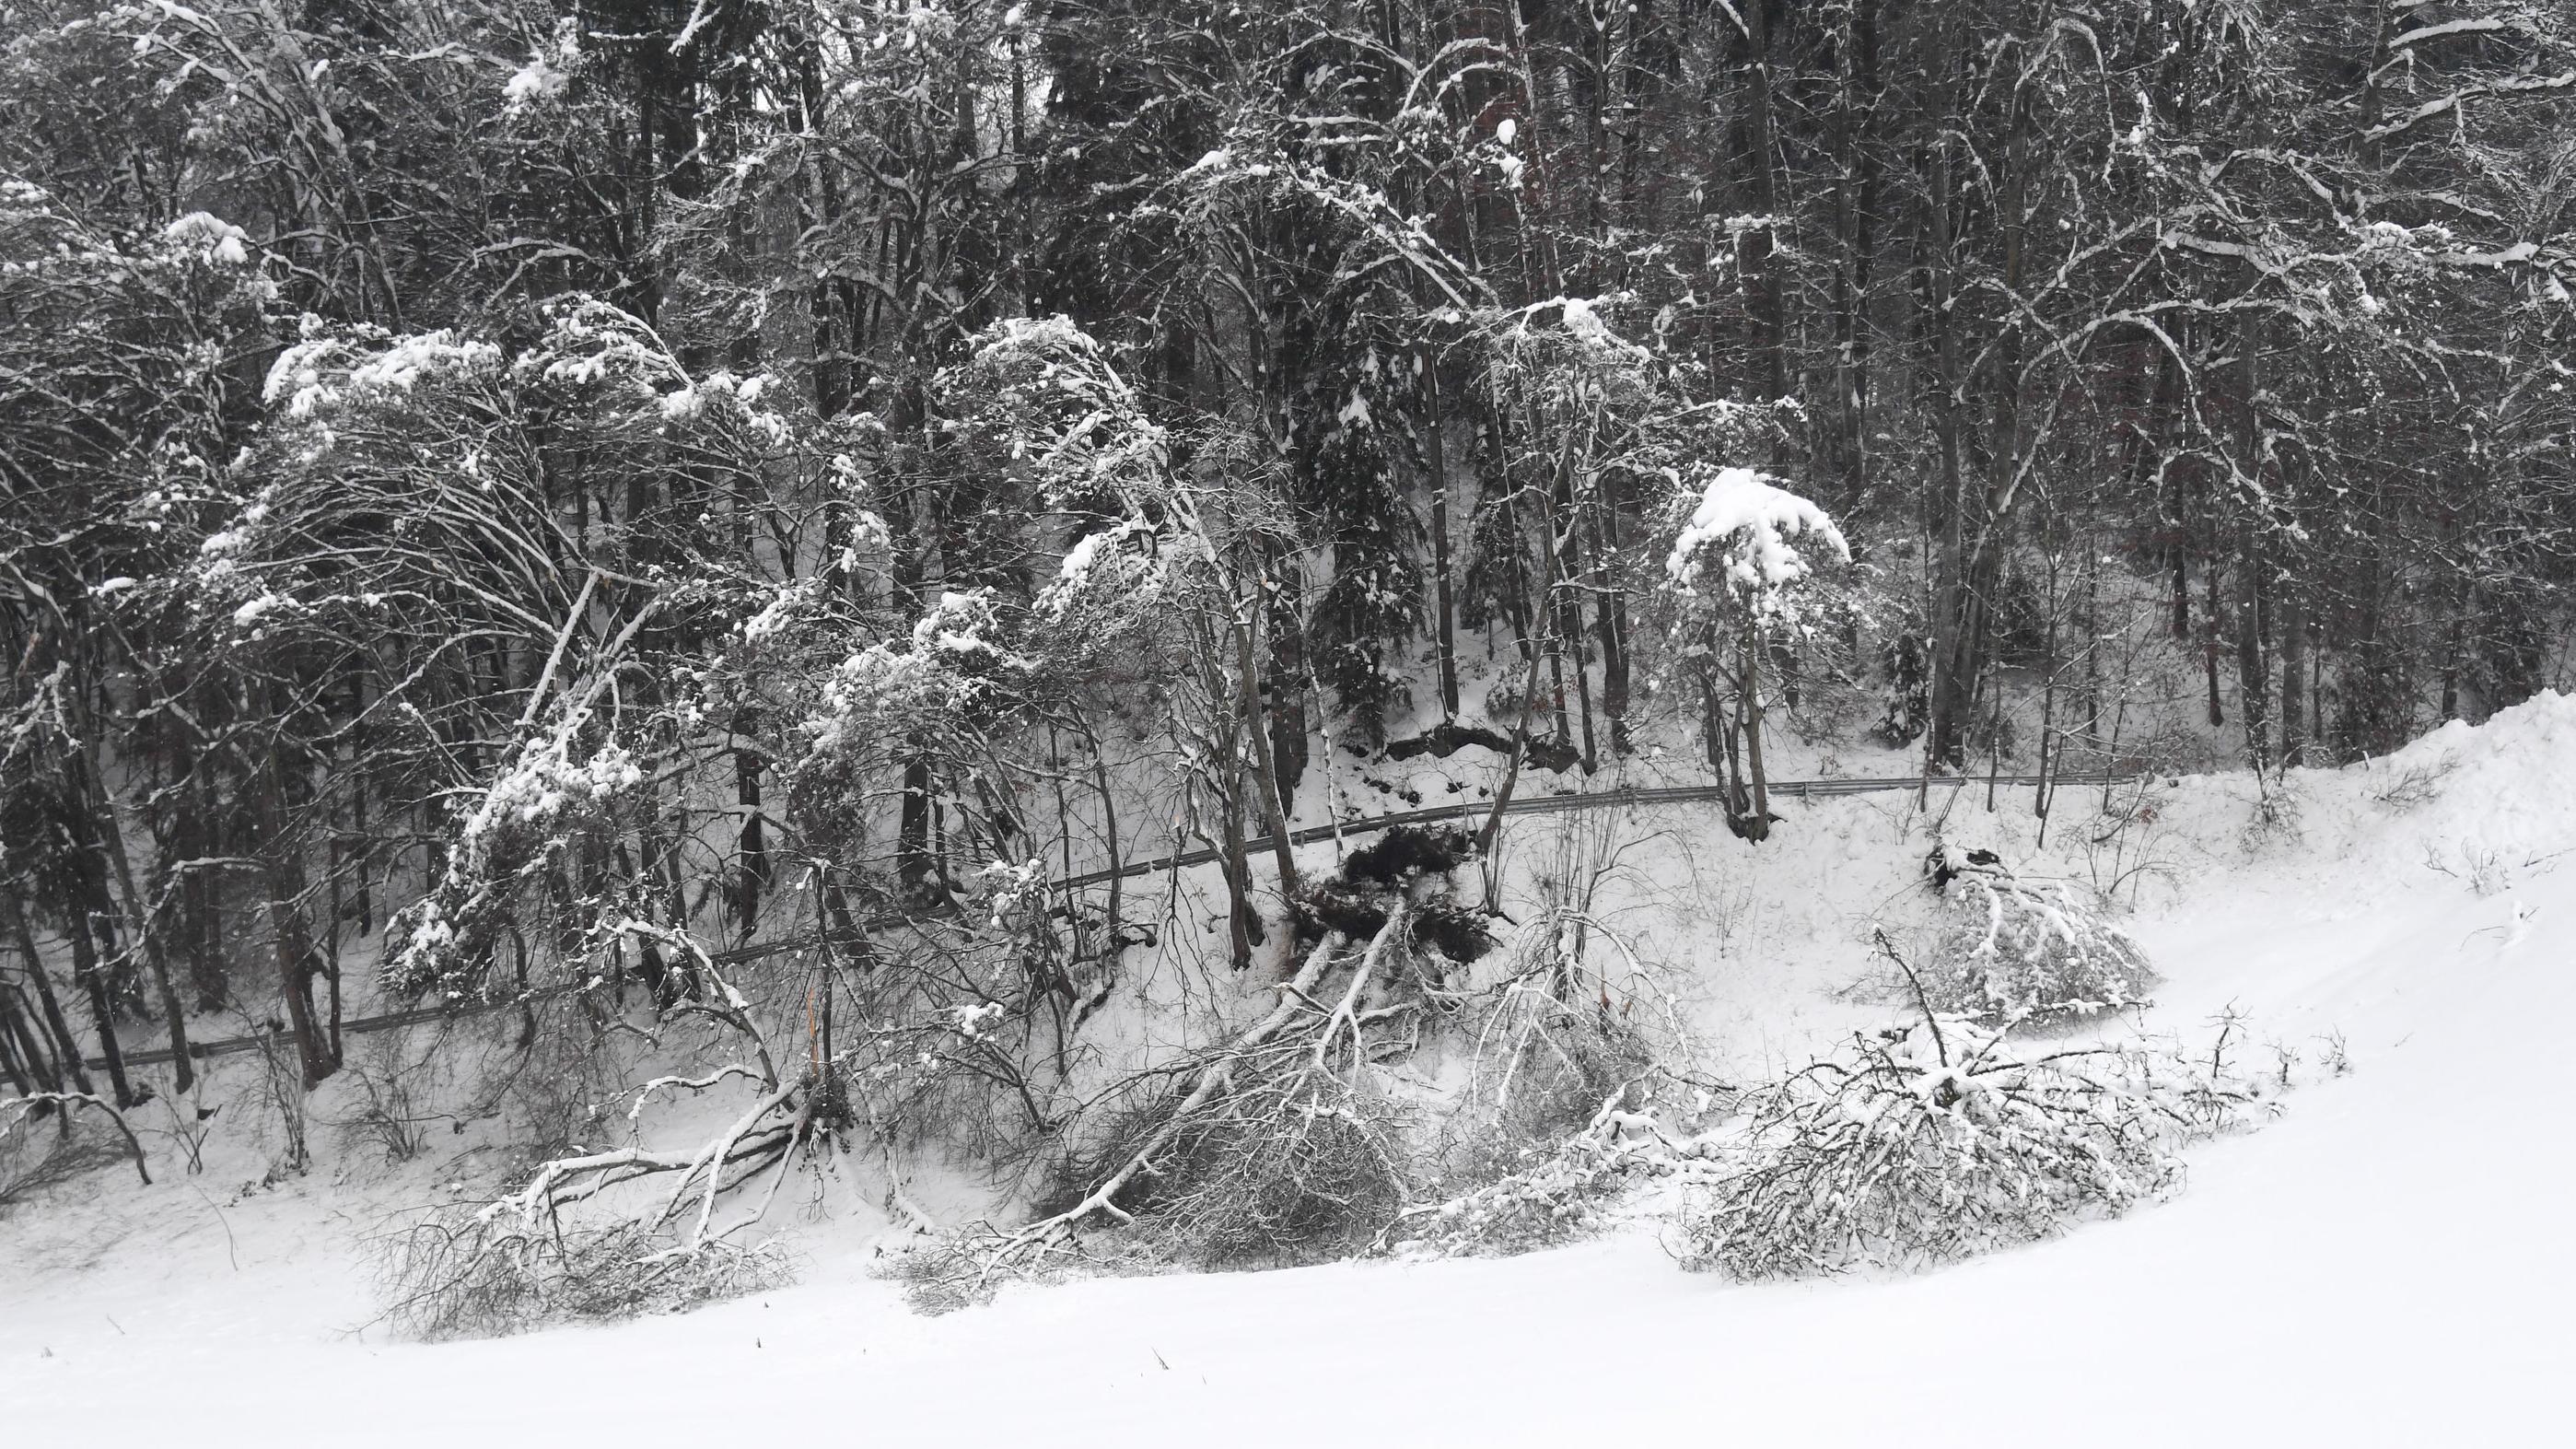 Umgestürzte Bäume in einem Wald bei Traunstein